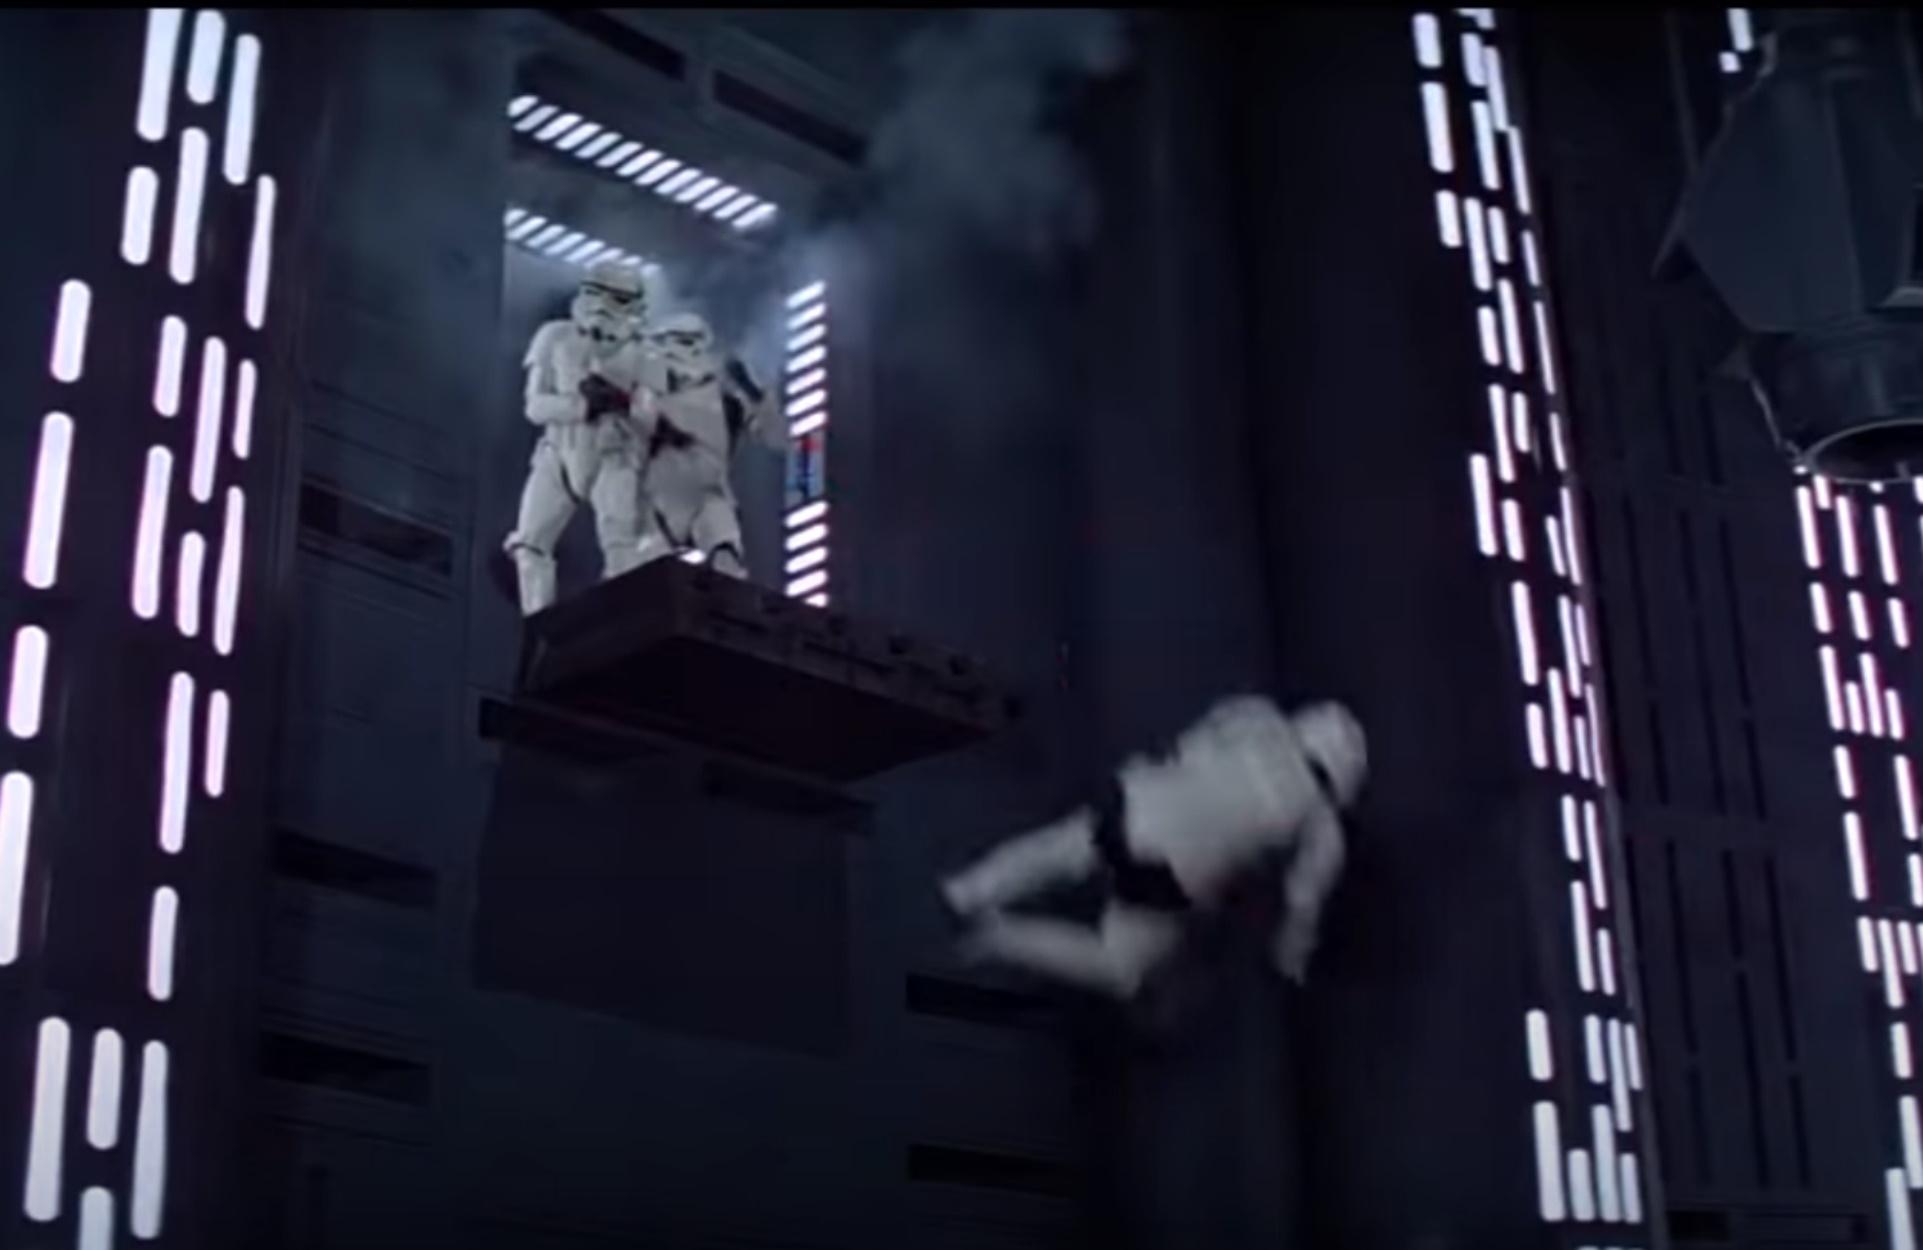 Αυτά είναι τα 10 μεγαλύτερα λάθη σε ταινίες του Star Wars που δεν πρόσεξε κανείς